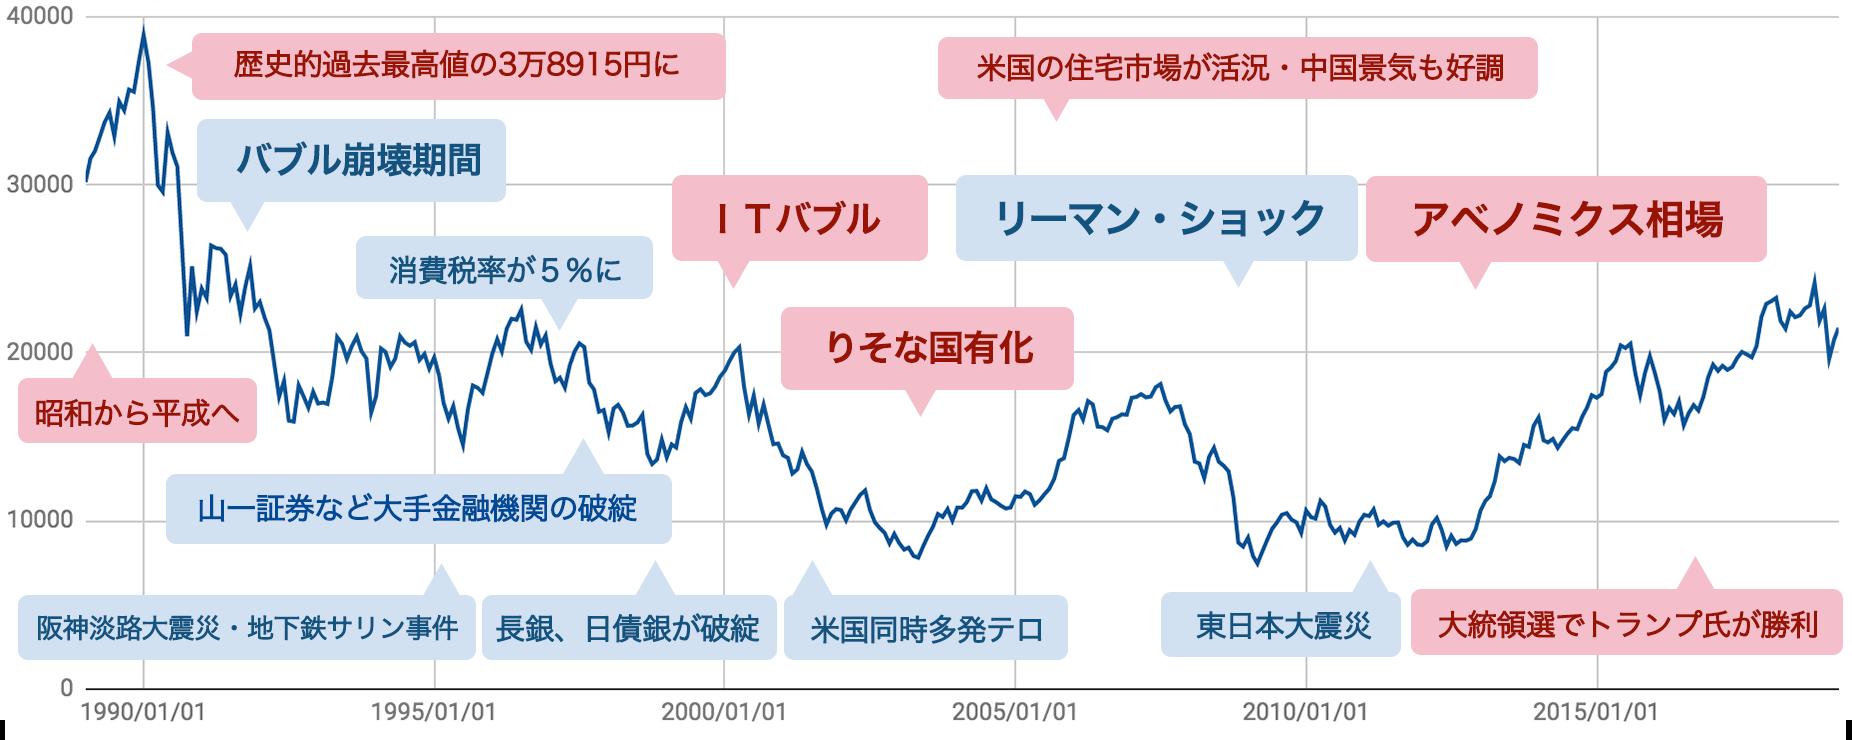 クラウド 株価 セキュリティ 掲示板 サイバー